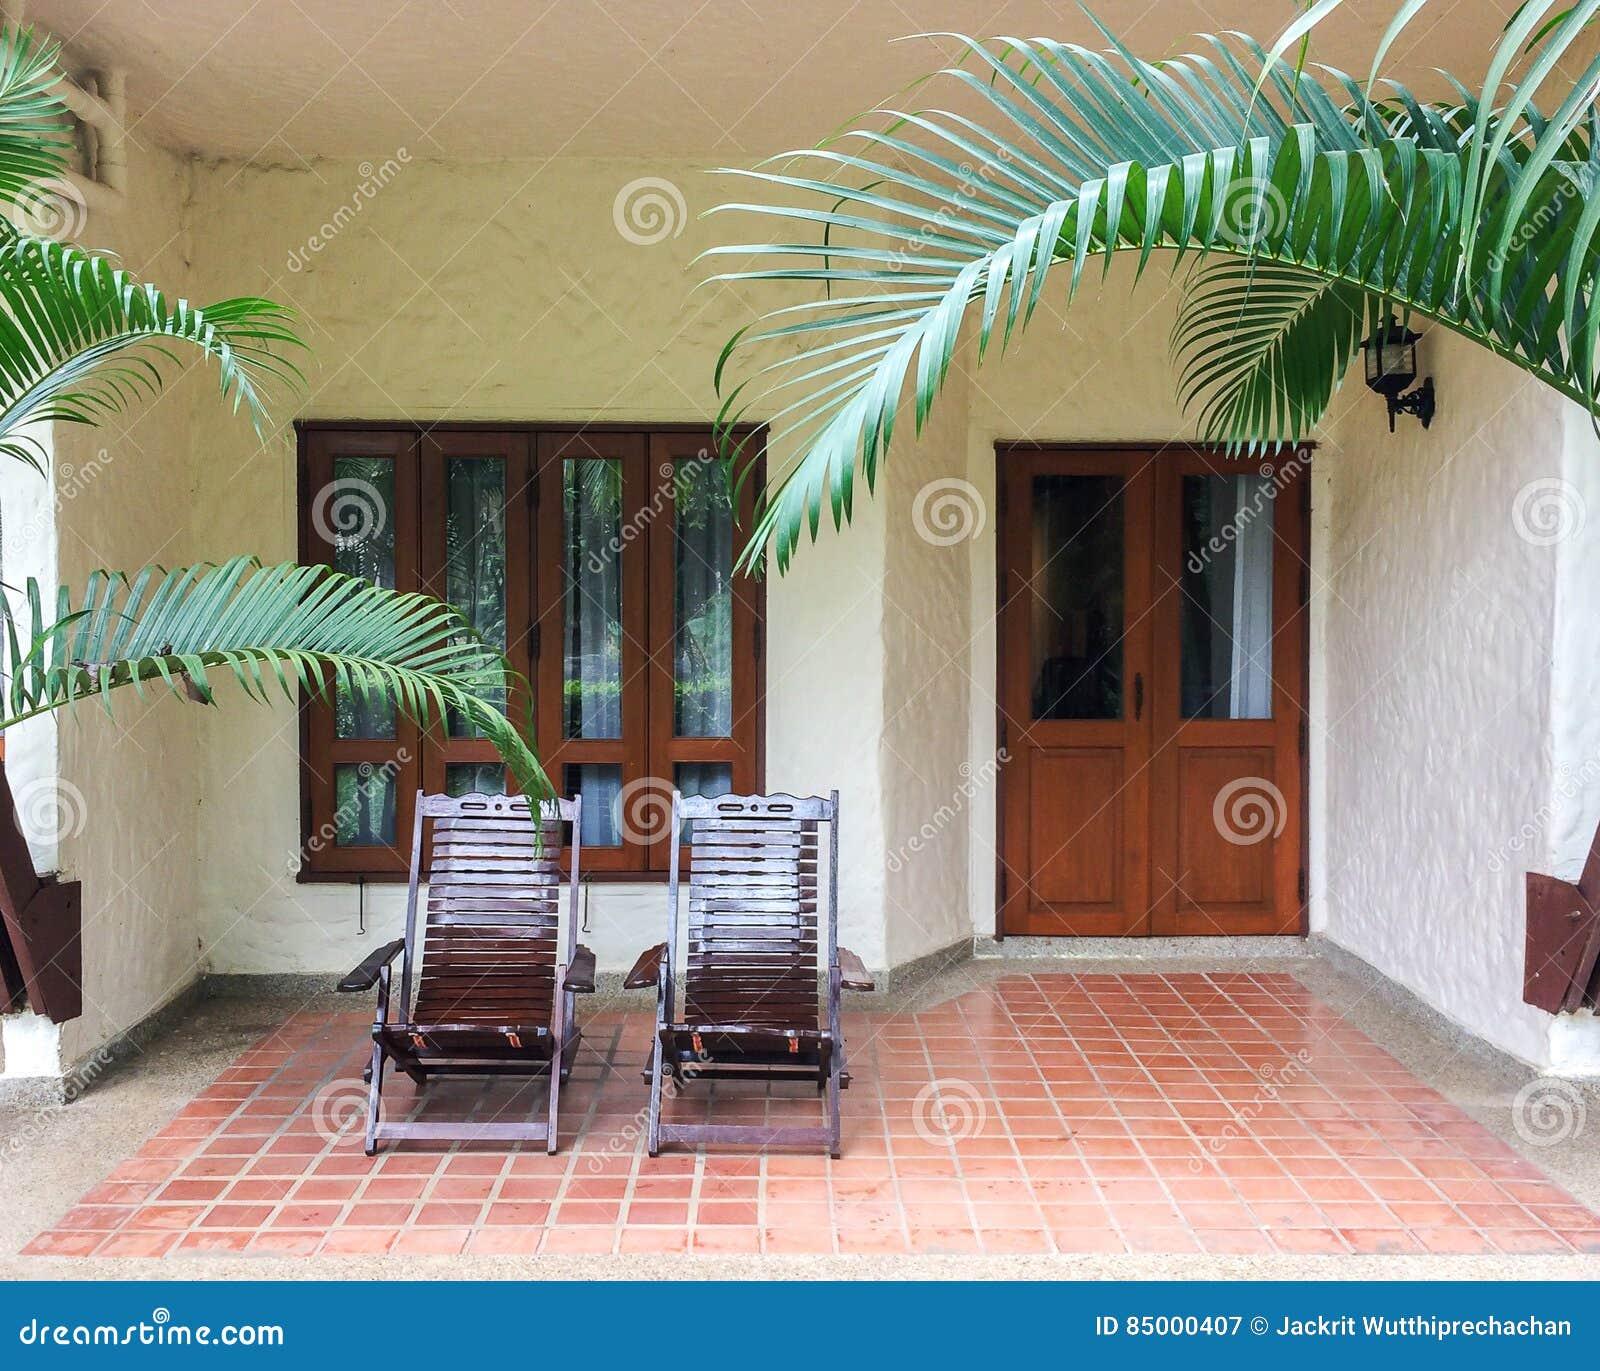 Par av traditionella träsolstolar på uteplats av balkongen eller terrassen i öppet område som är främst av Windows och dörrar för